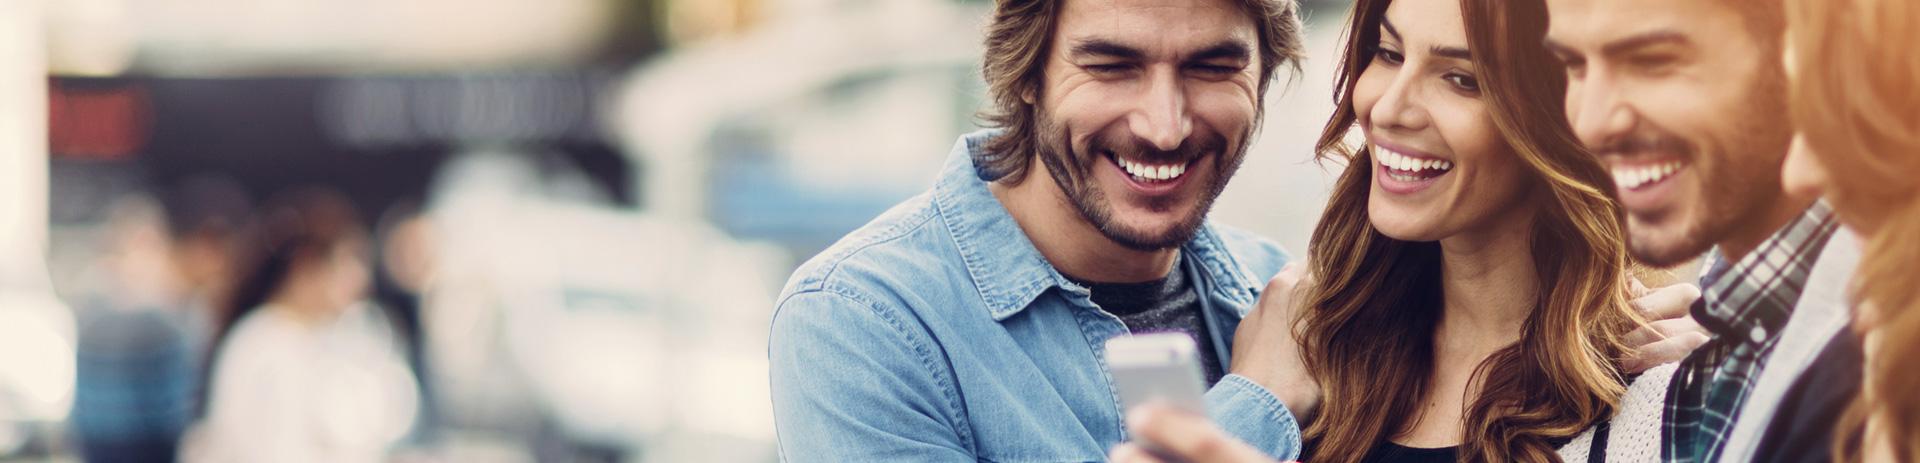 2 Frauen und 2 Männer, die lachen und auf ein Smartphone schauen